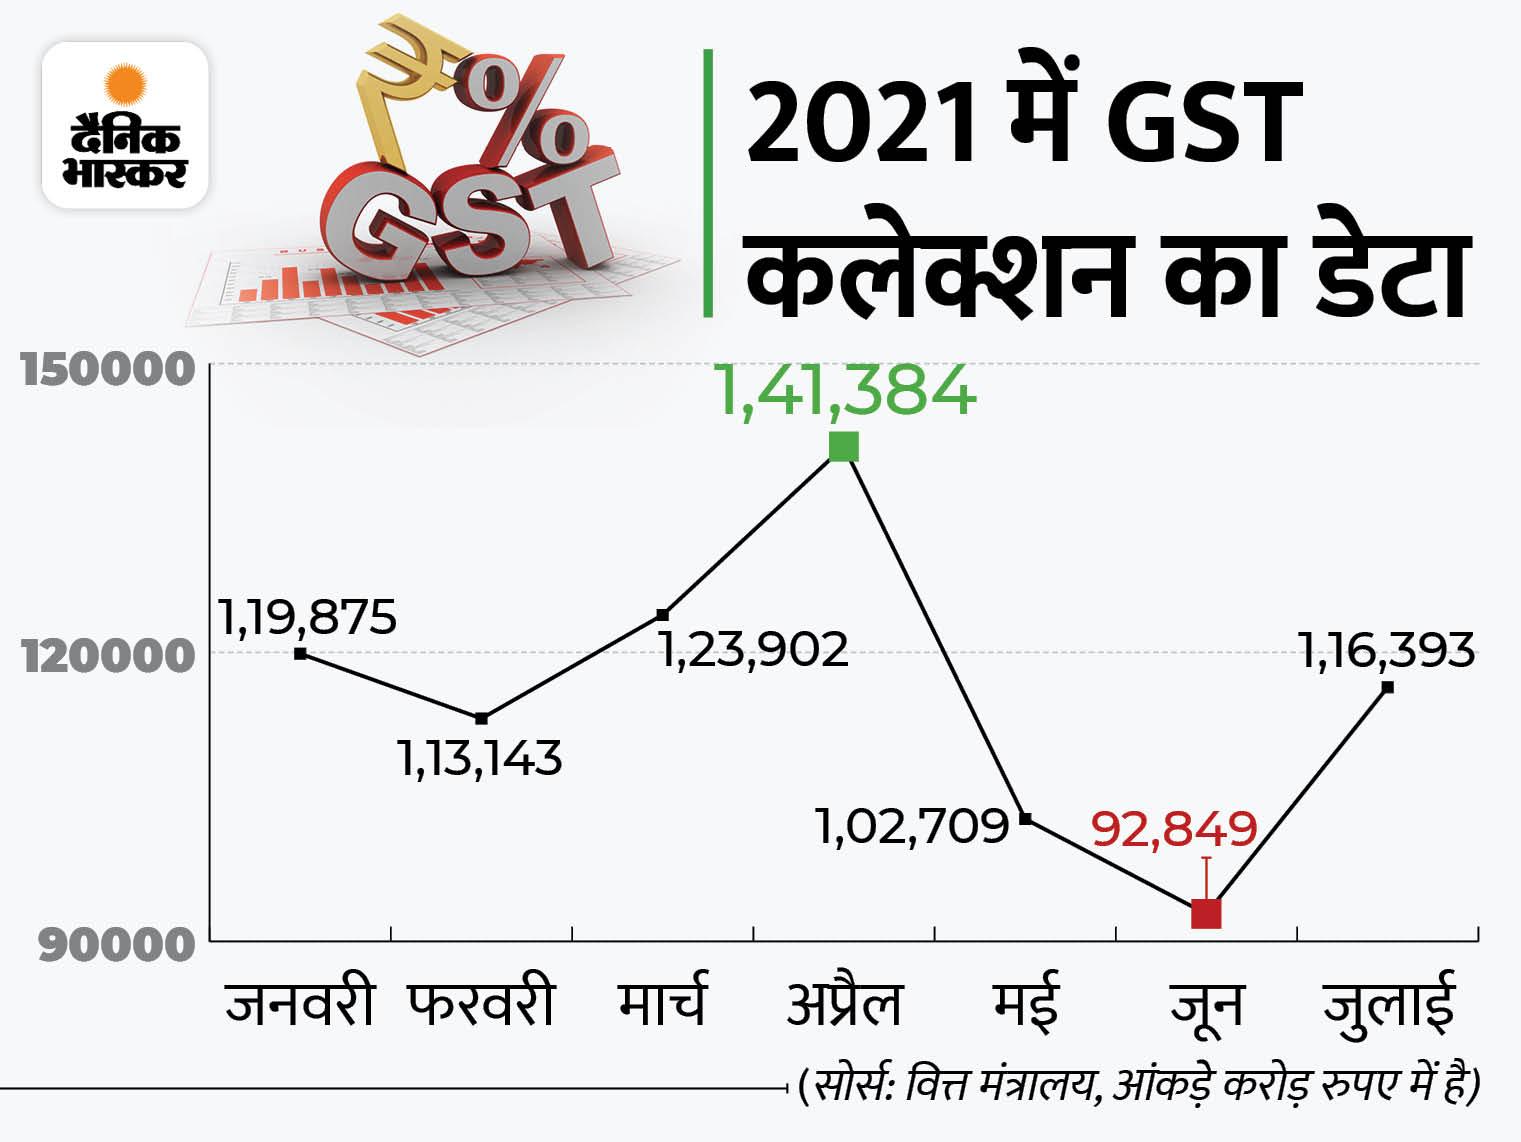 जुलाई में GST से सरकार के खजाने में 1.16 लाख करोड़ रुपए आए, ये जून से 23 हजार करोड़ ज्यादा|बिजनेस,Business - Dainik Bhaskar